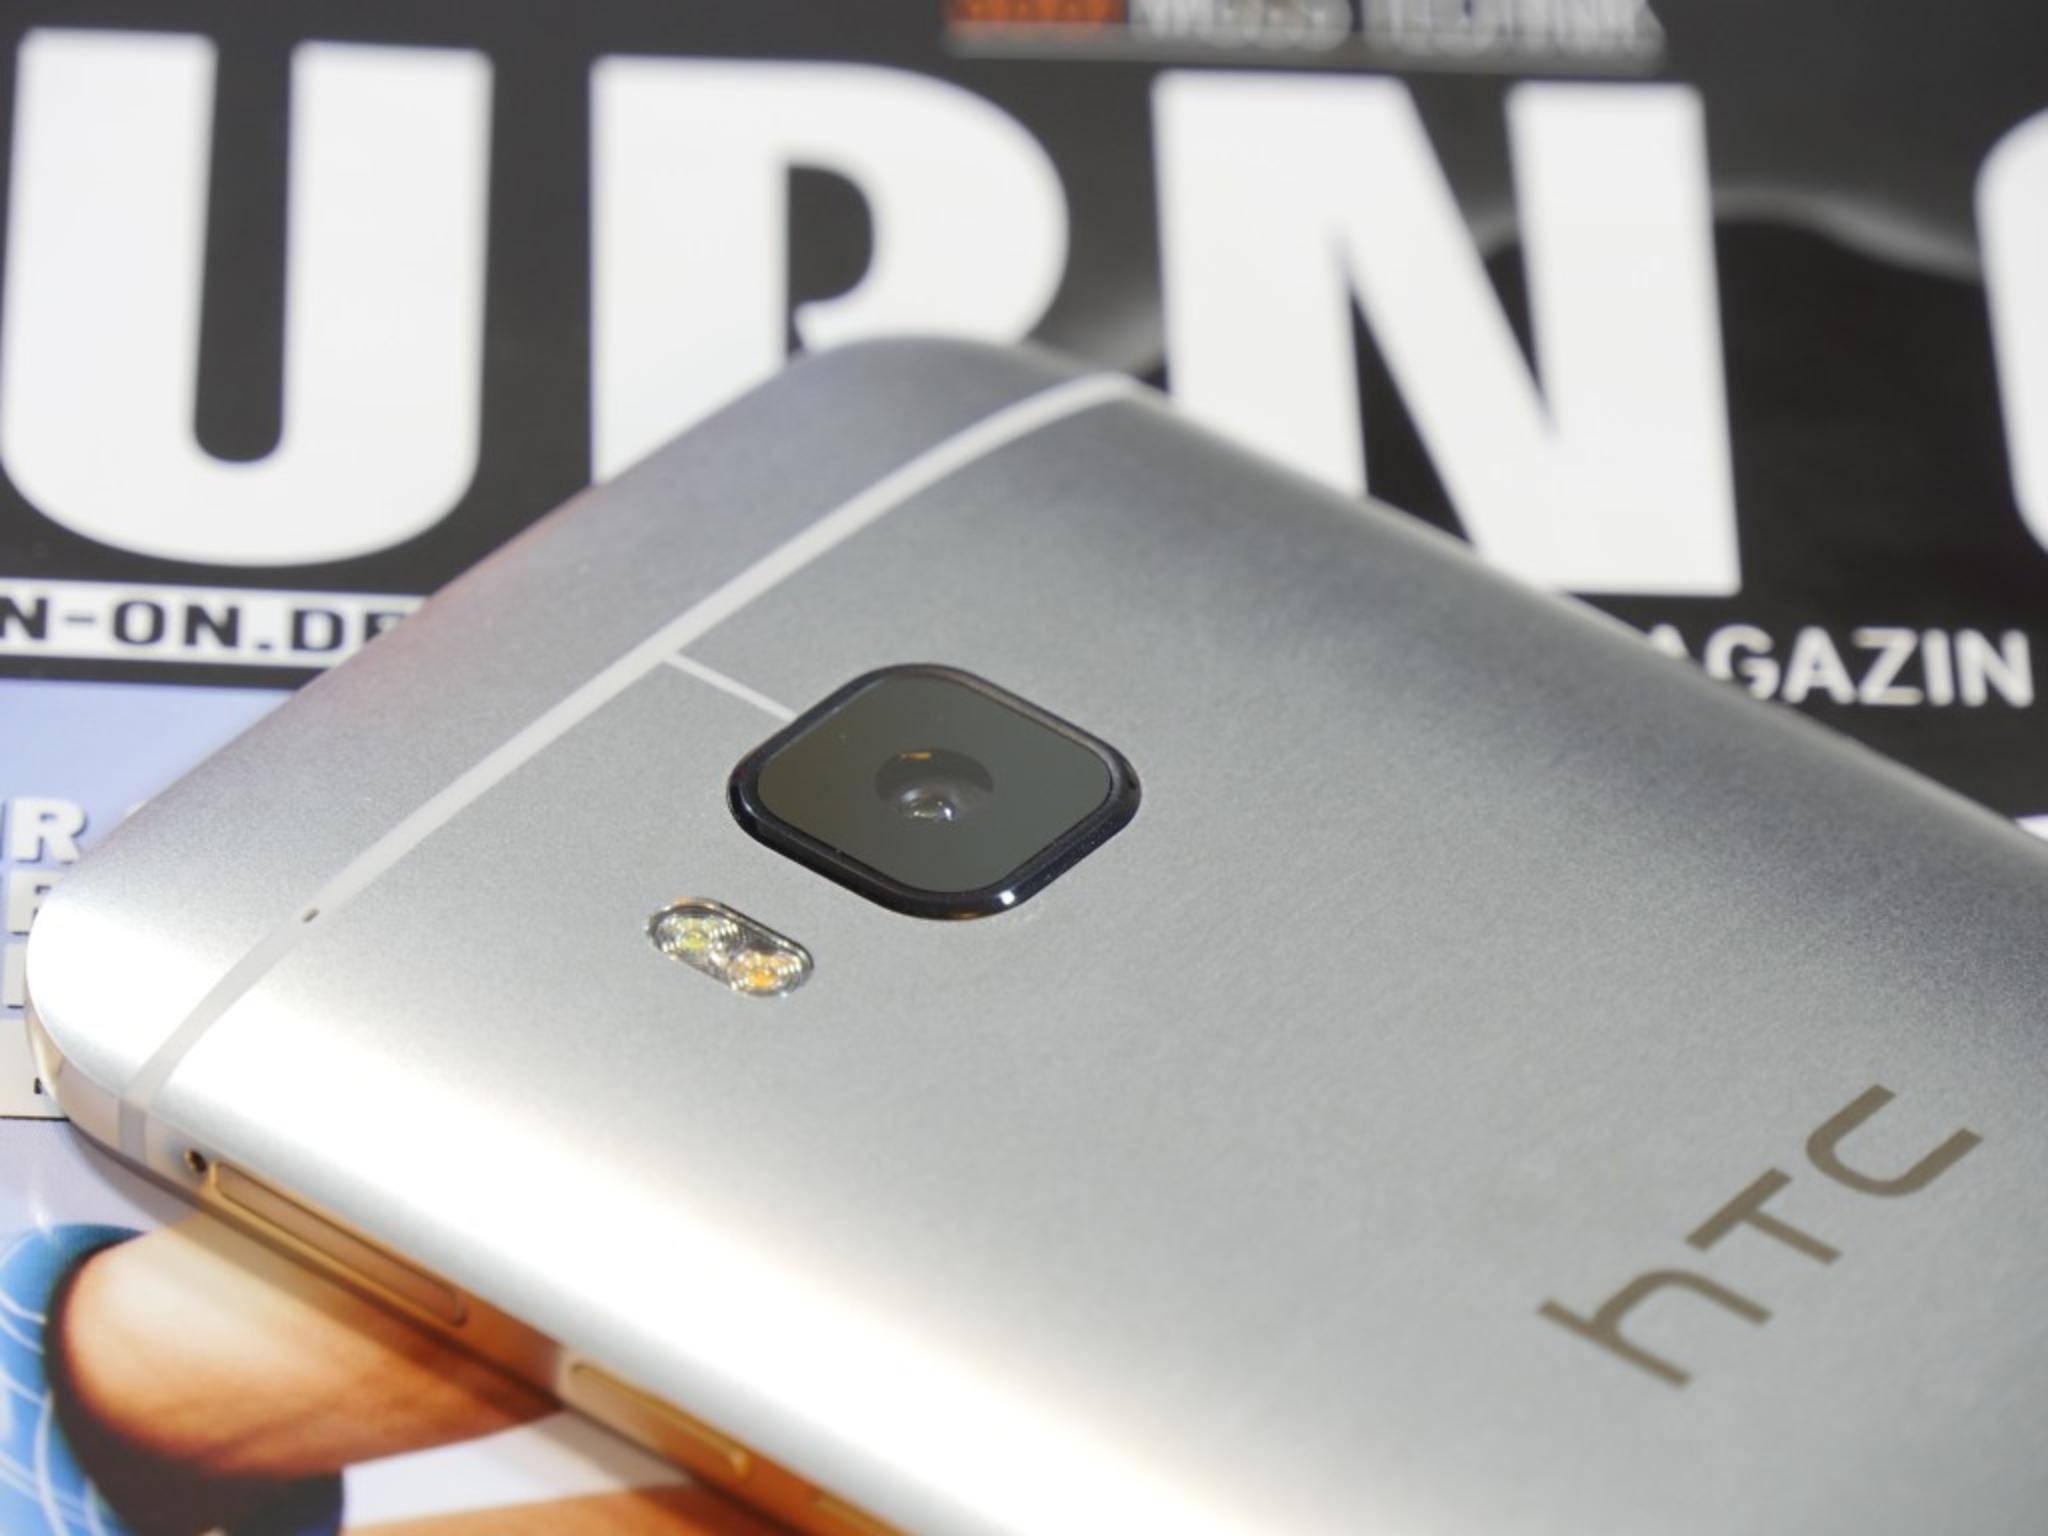 Wie beim iPhone 6 sticht die Kamera leicht aus dem Rücken hervor.